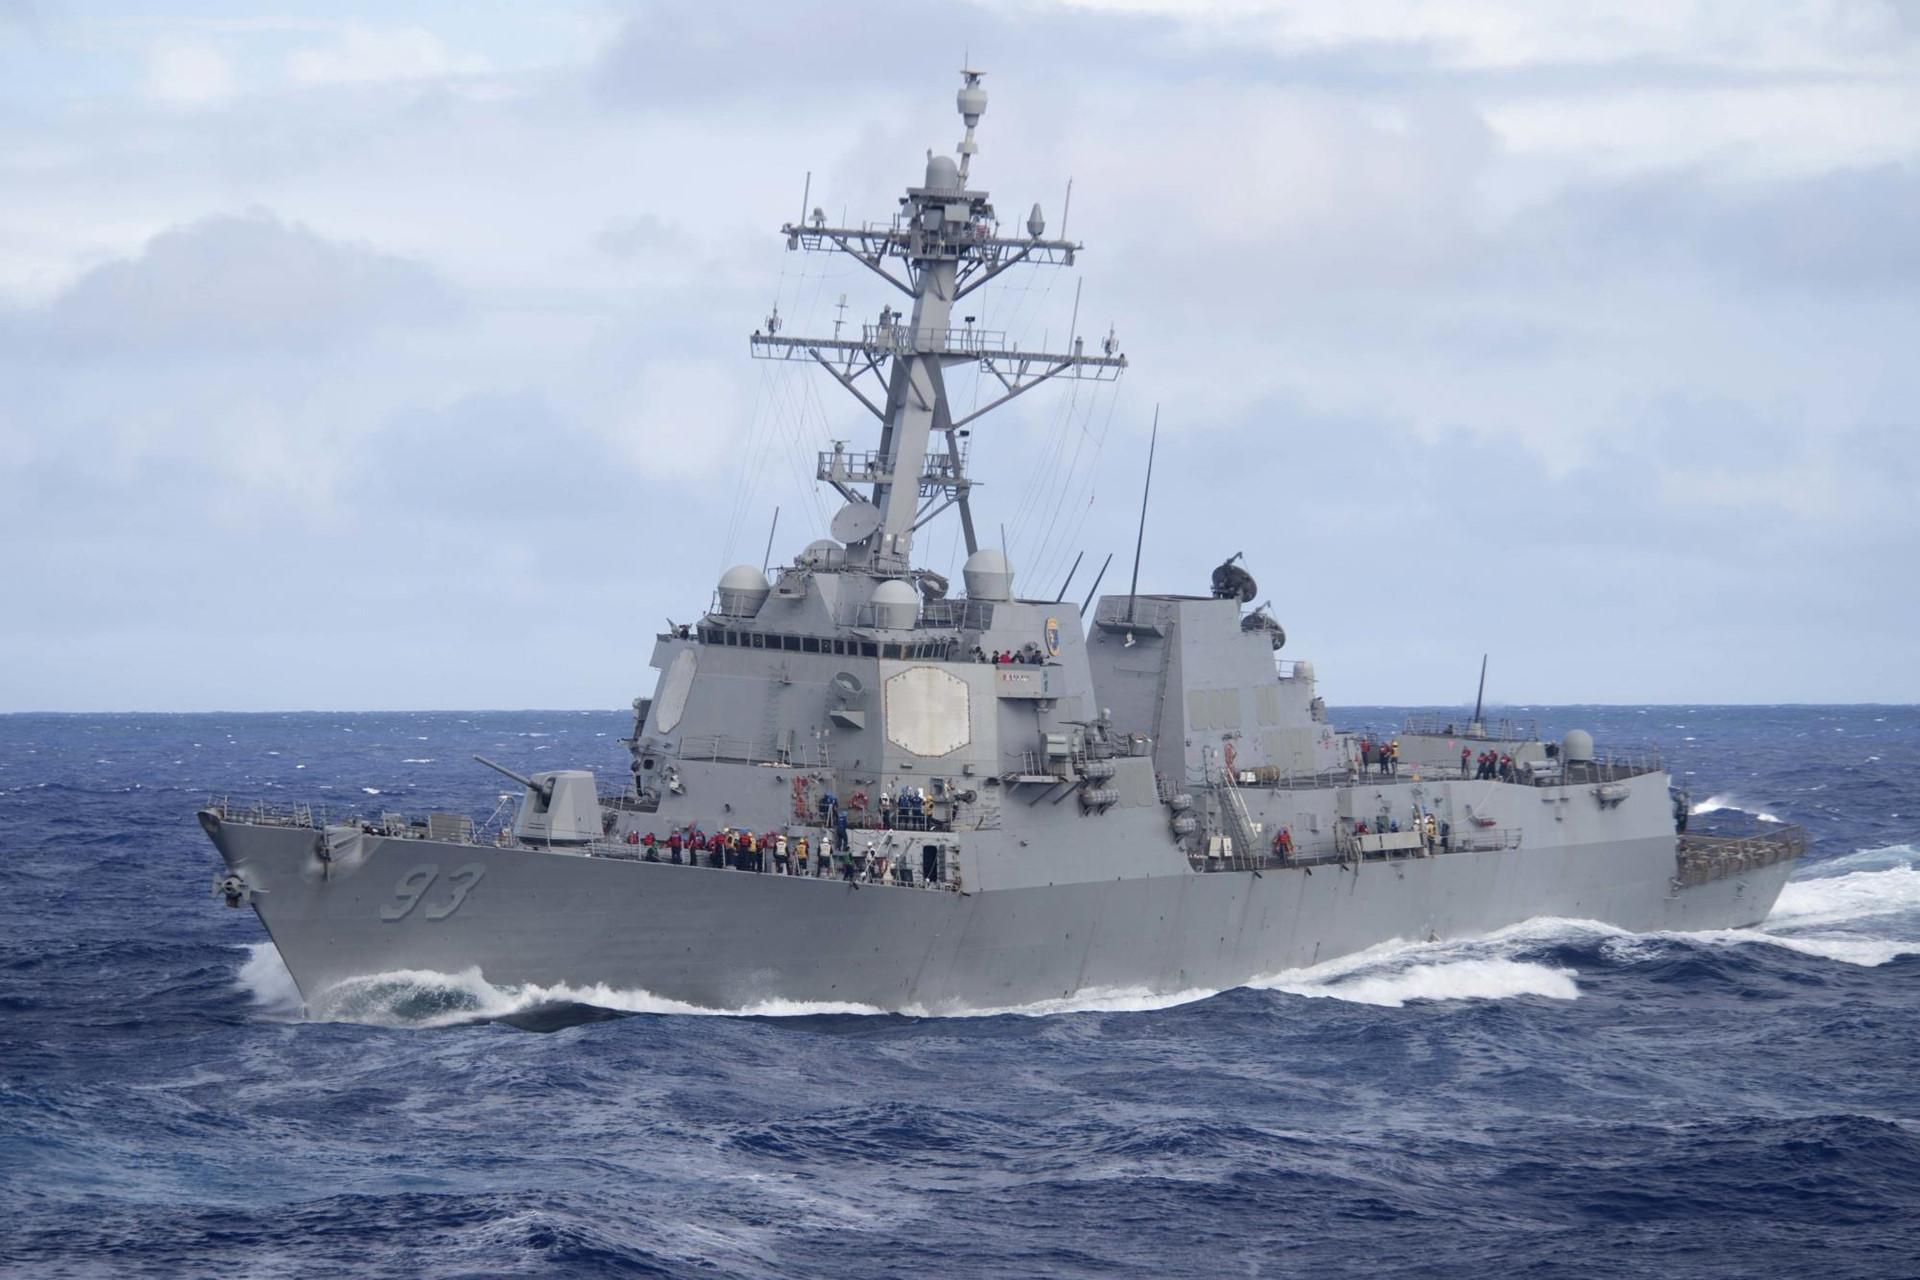 Tàu chiến Mỹ áp sát đảo Gạc Ma, thách thức sự chiếm đóng trái phép của Trung Quốc.2